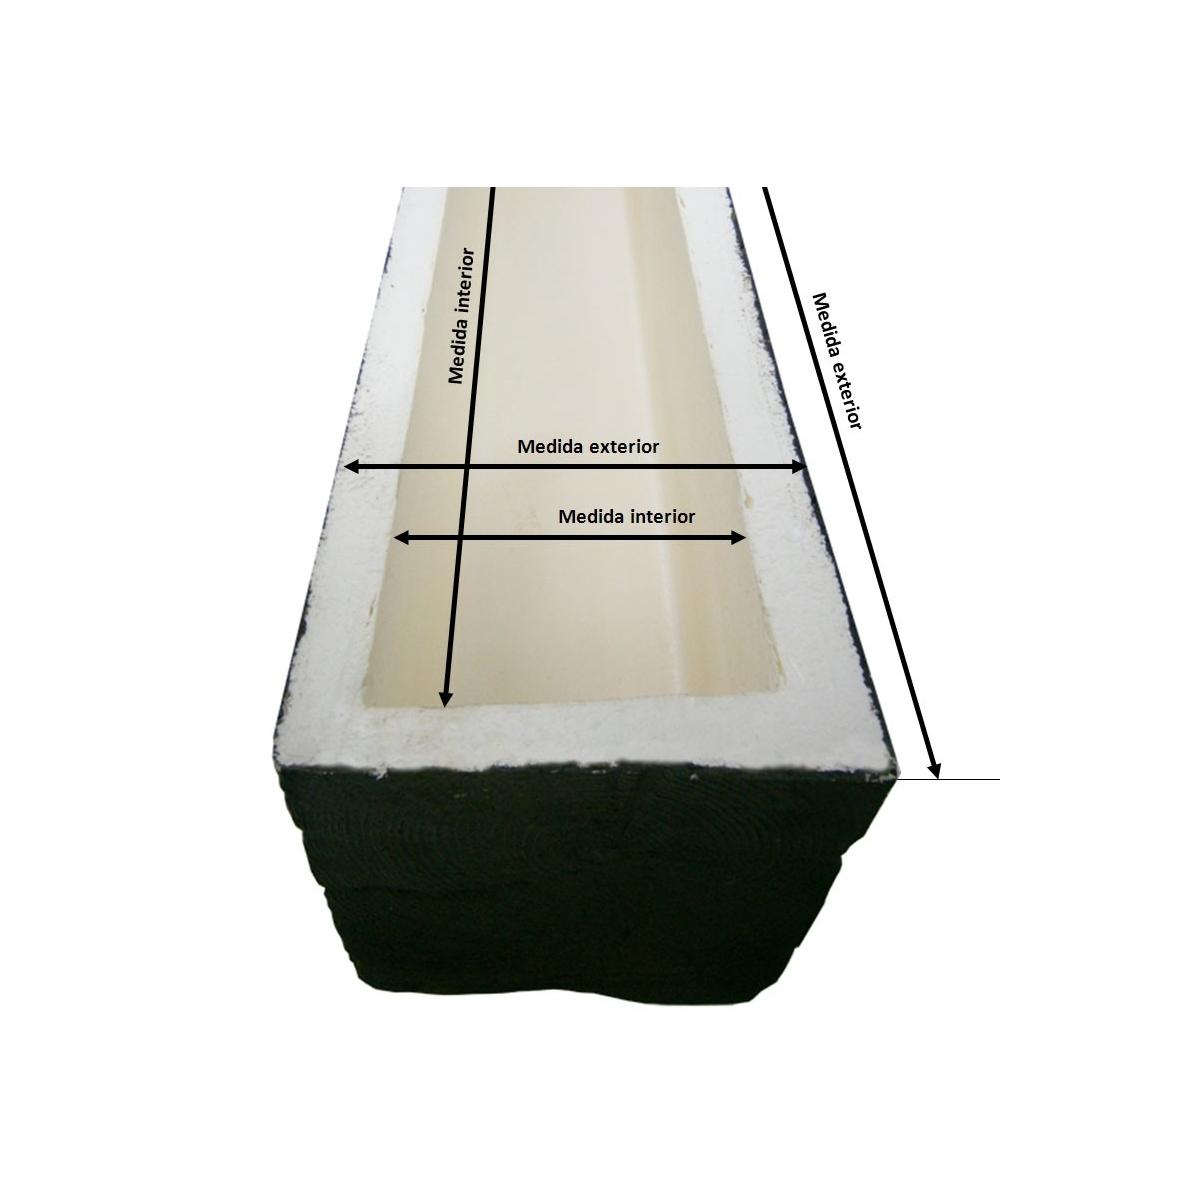 Viga imitación a madera 300x10x10 Grupo Unamacor Vigas imitación madera cuadradas